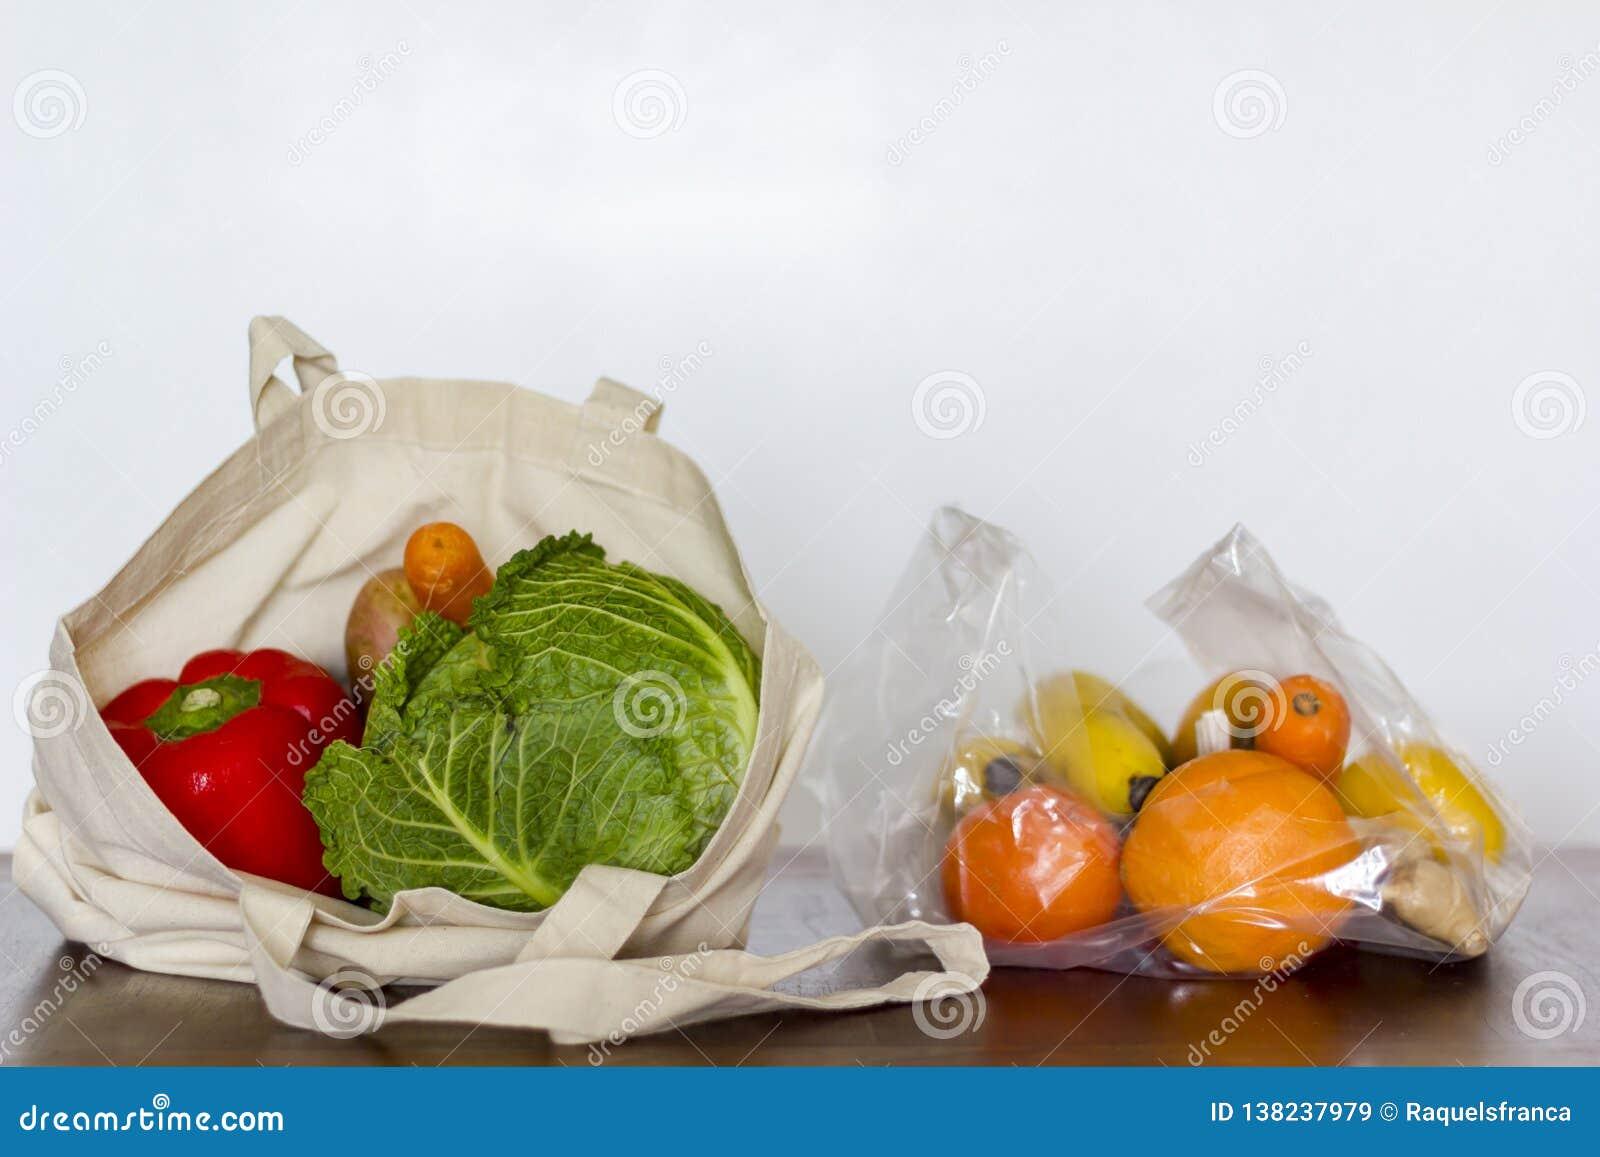 Borsa riutilizzabile di Eco con le verdure e sacchetto di plastica con i frutti